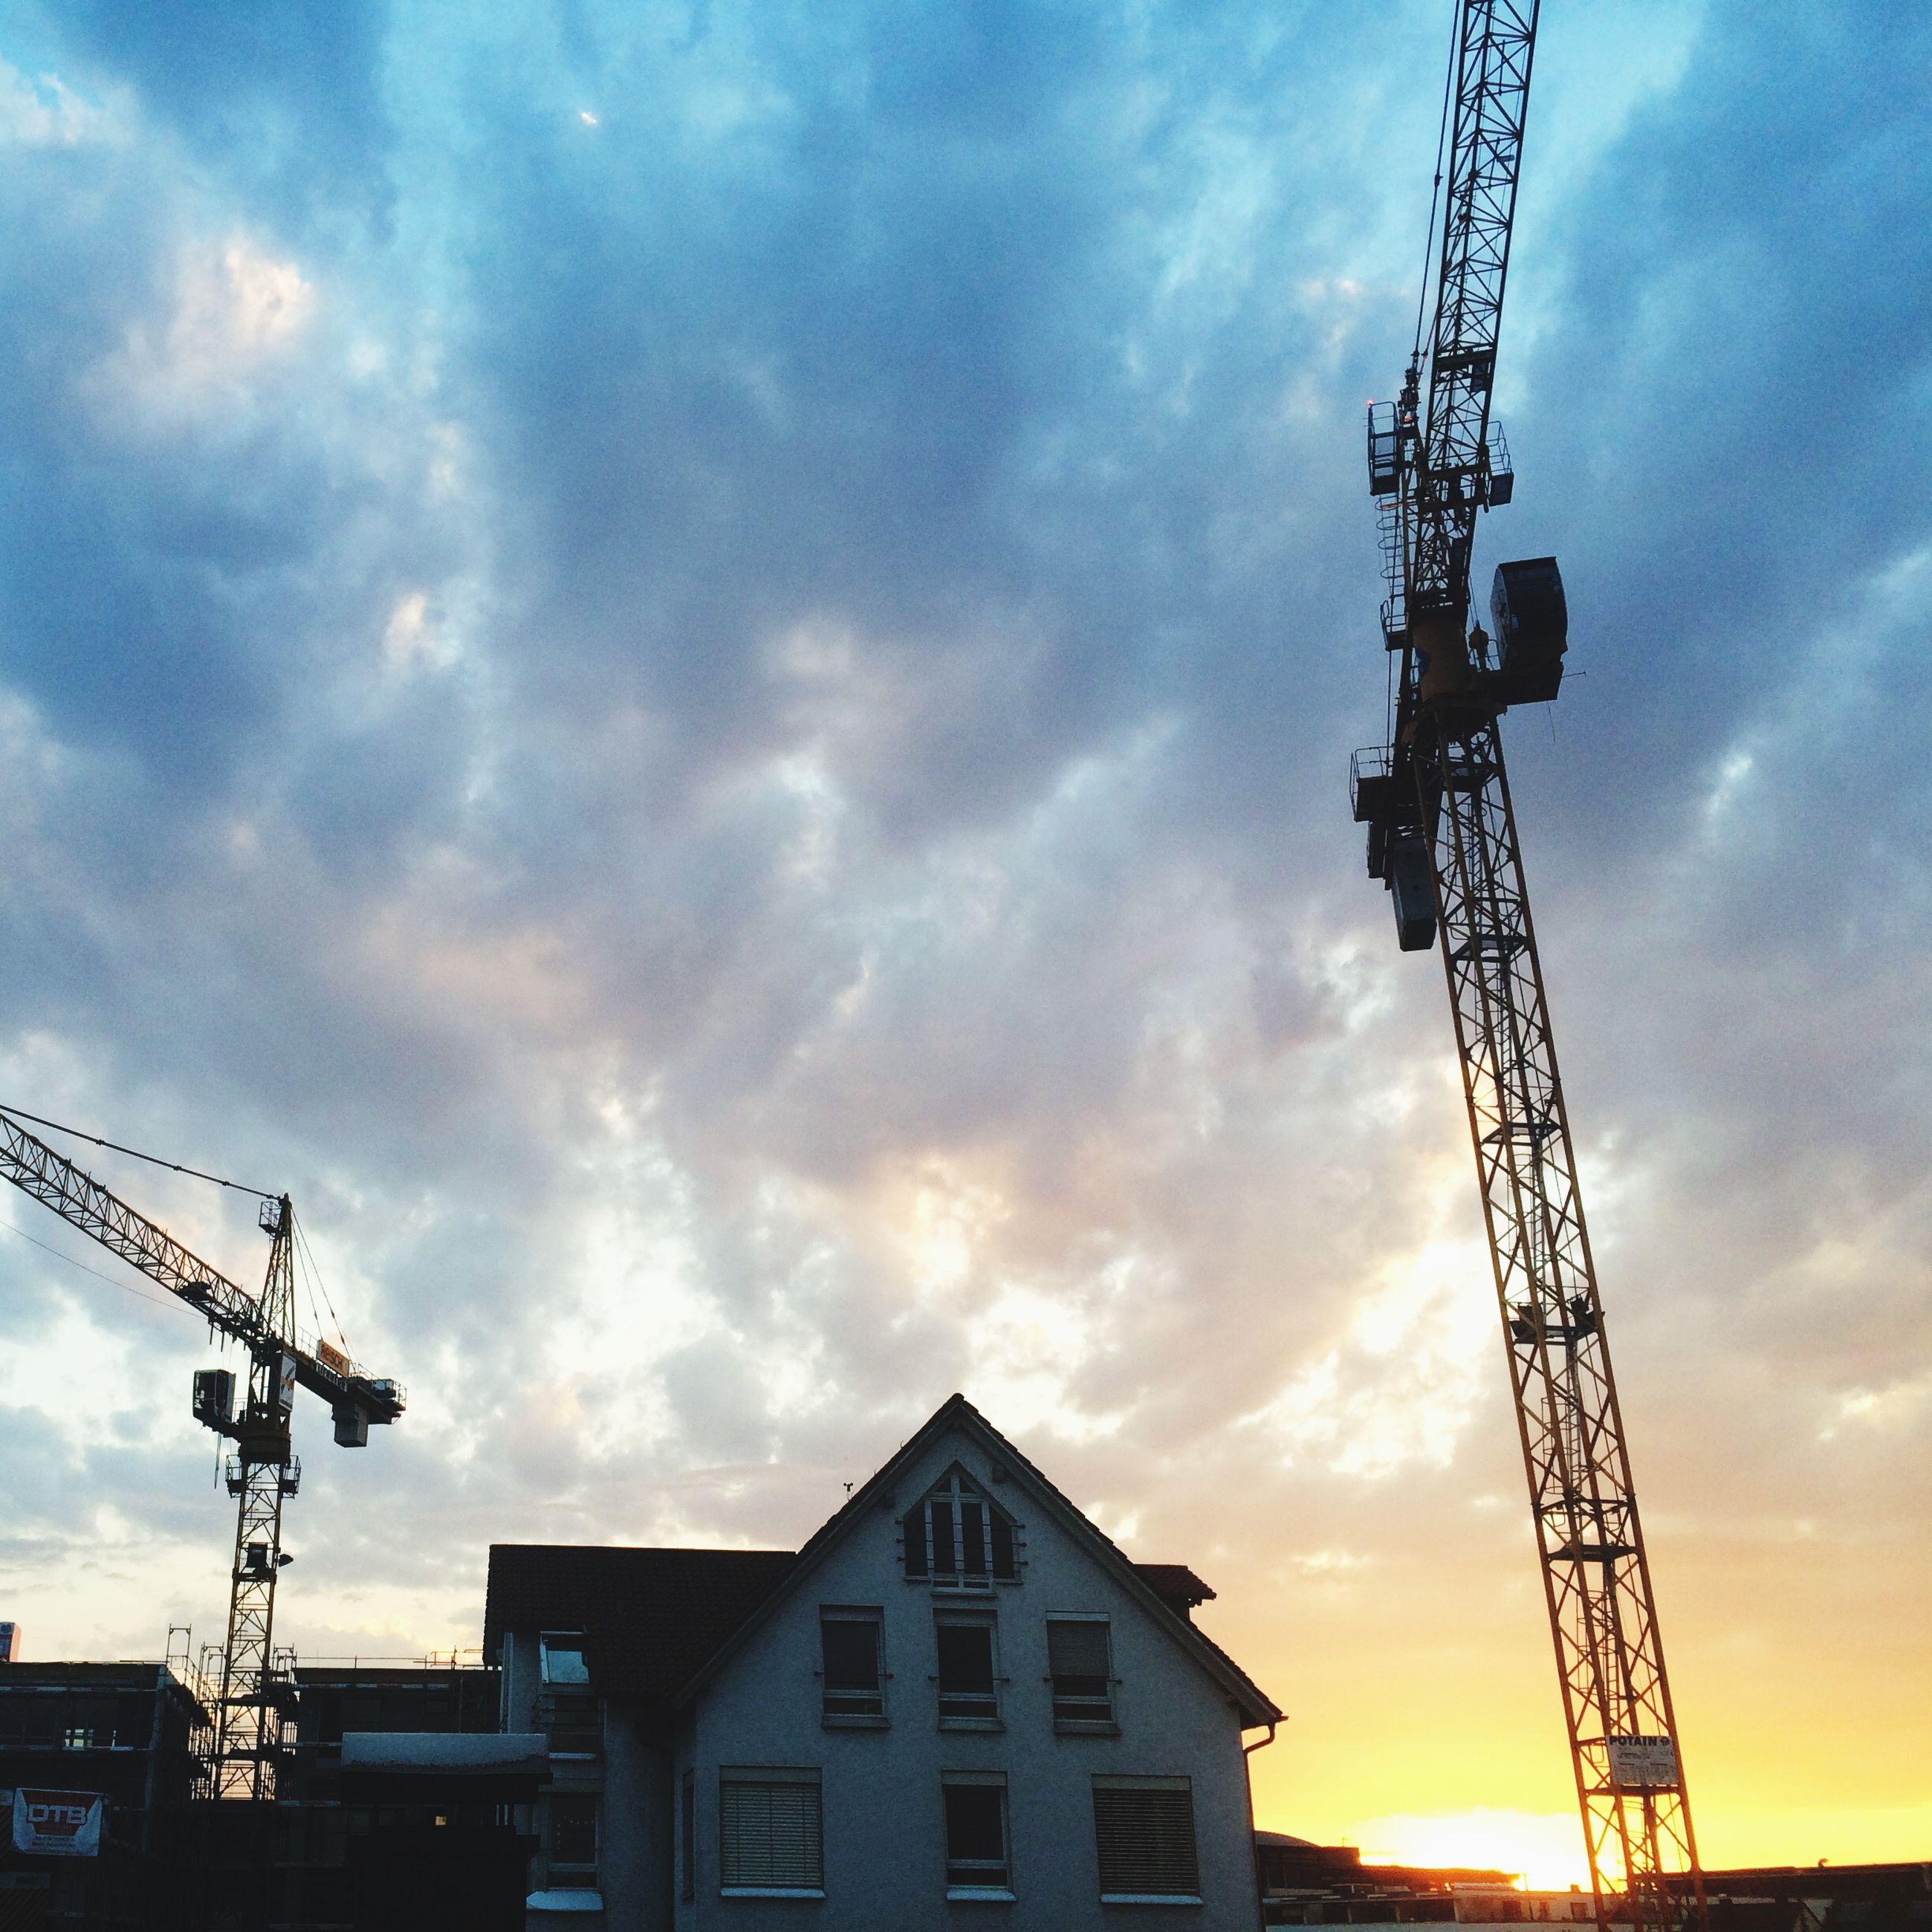 architecture, building exterior, built structure, sky, low angle view, cloud - sky, construction site, crane - construction machinery, sunset, cloudy, silhouette, development, crane, cloud, electricity pylon, industry, city, construction, power line, dusk